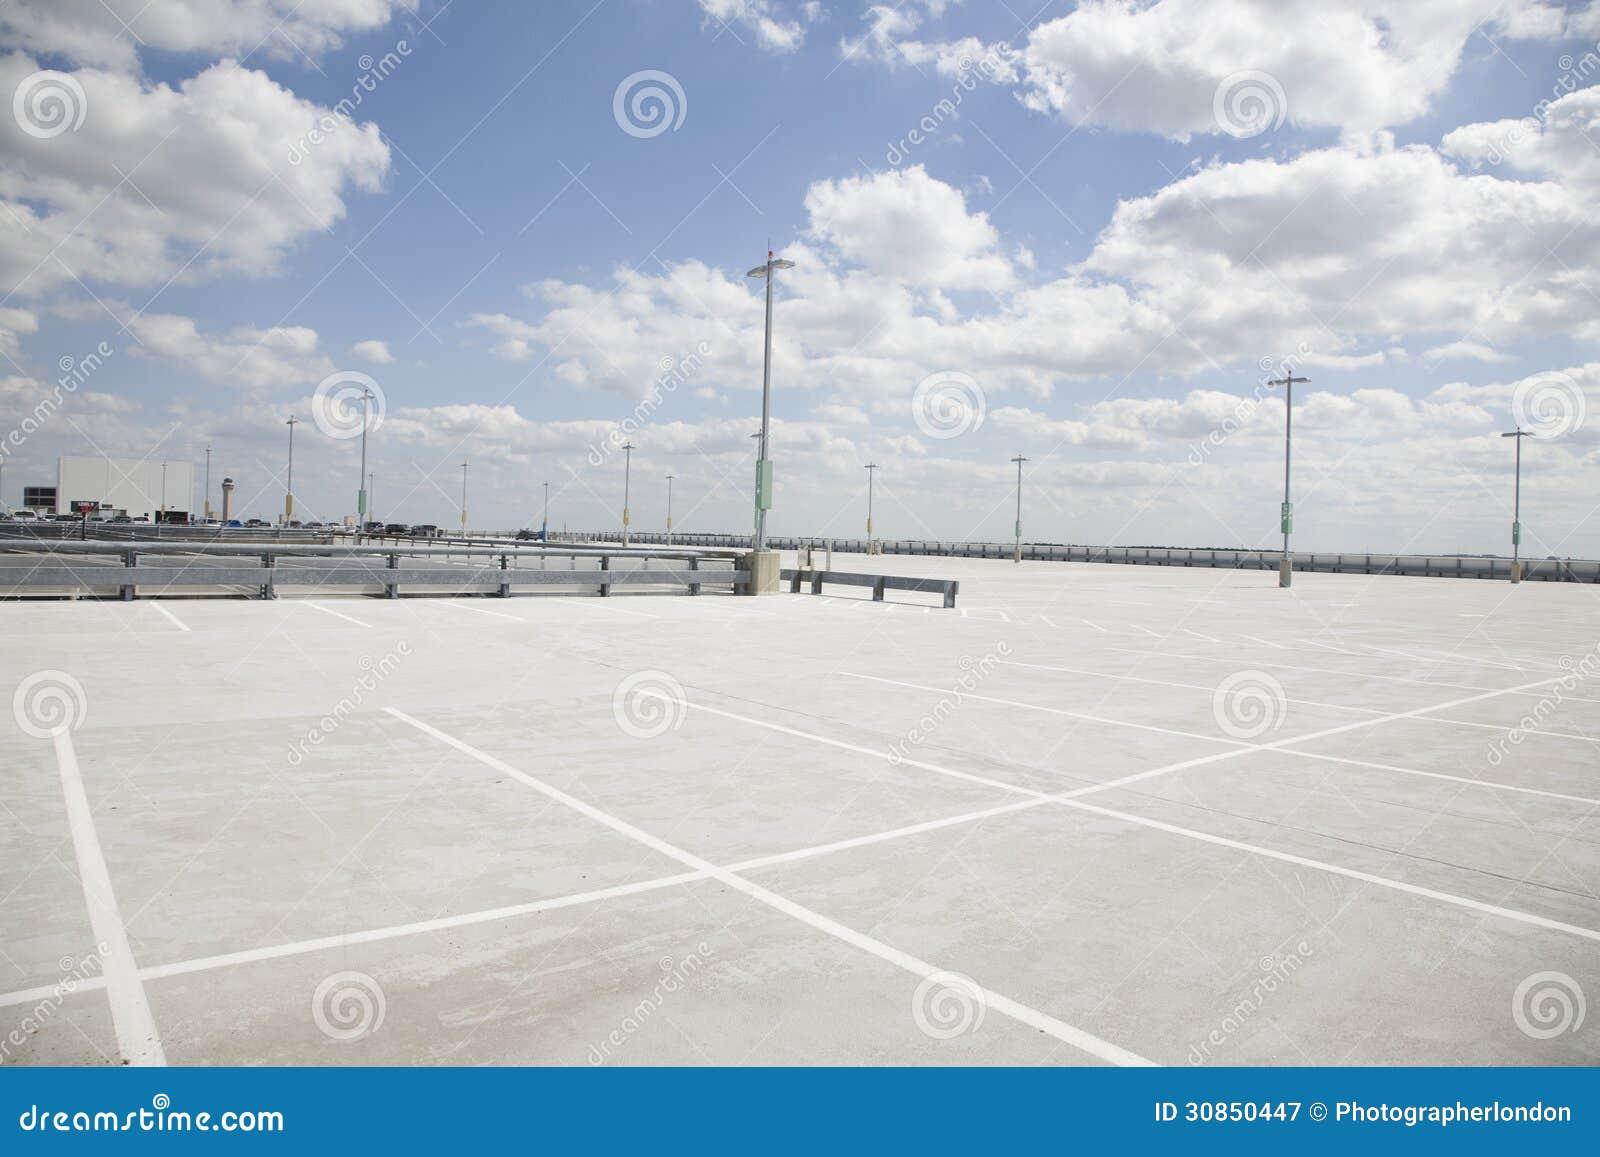 Κενός χώρος στάθμευσης